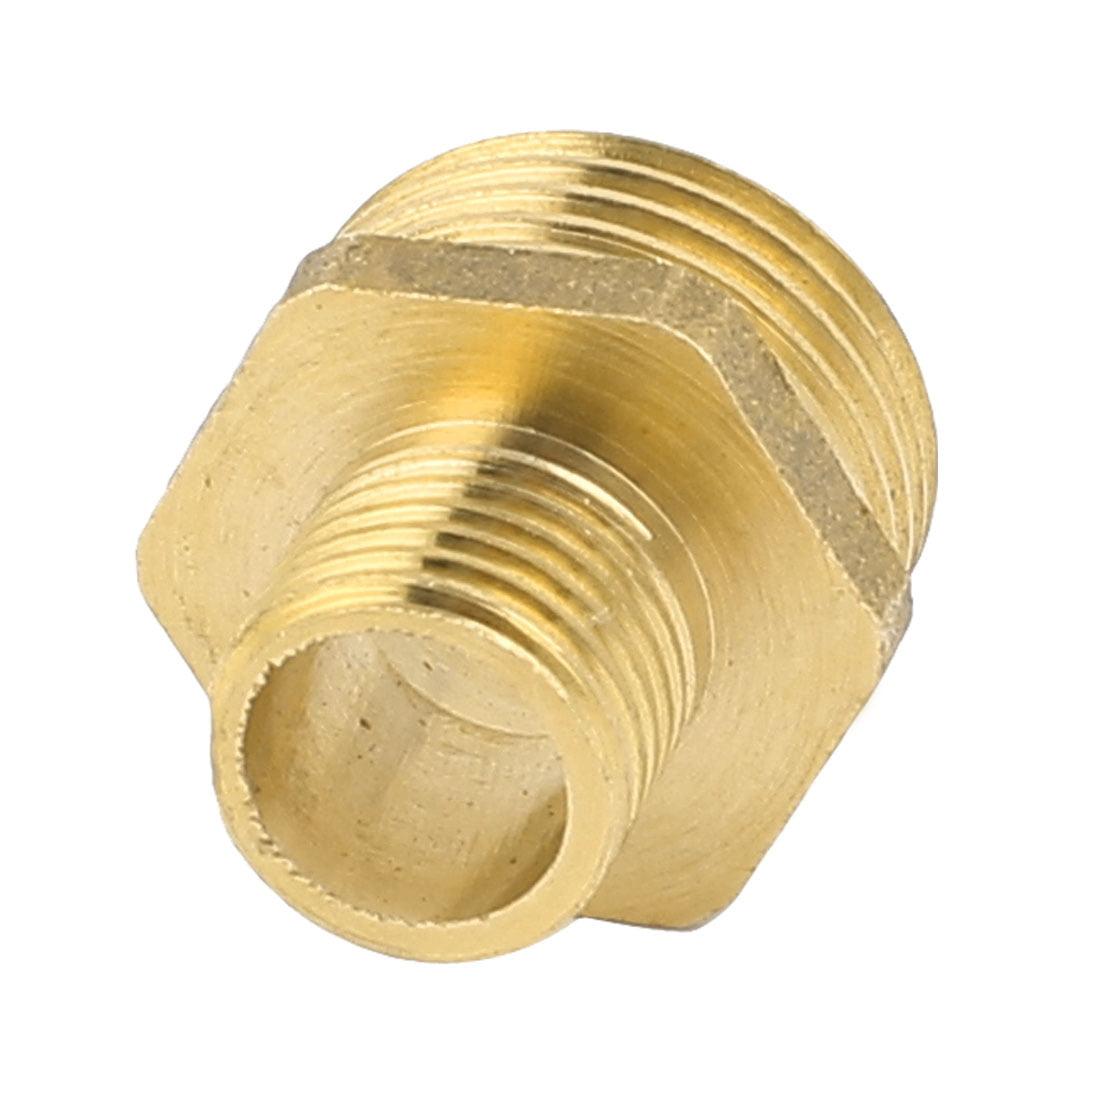 2PCS 1/4BSP 1/2BSP Male Thread Dimeter Brass Hex Adapter Reducer Bushing